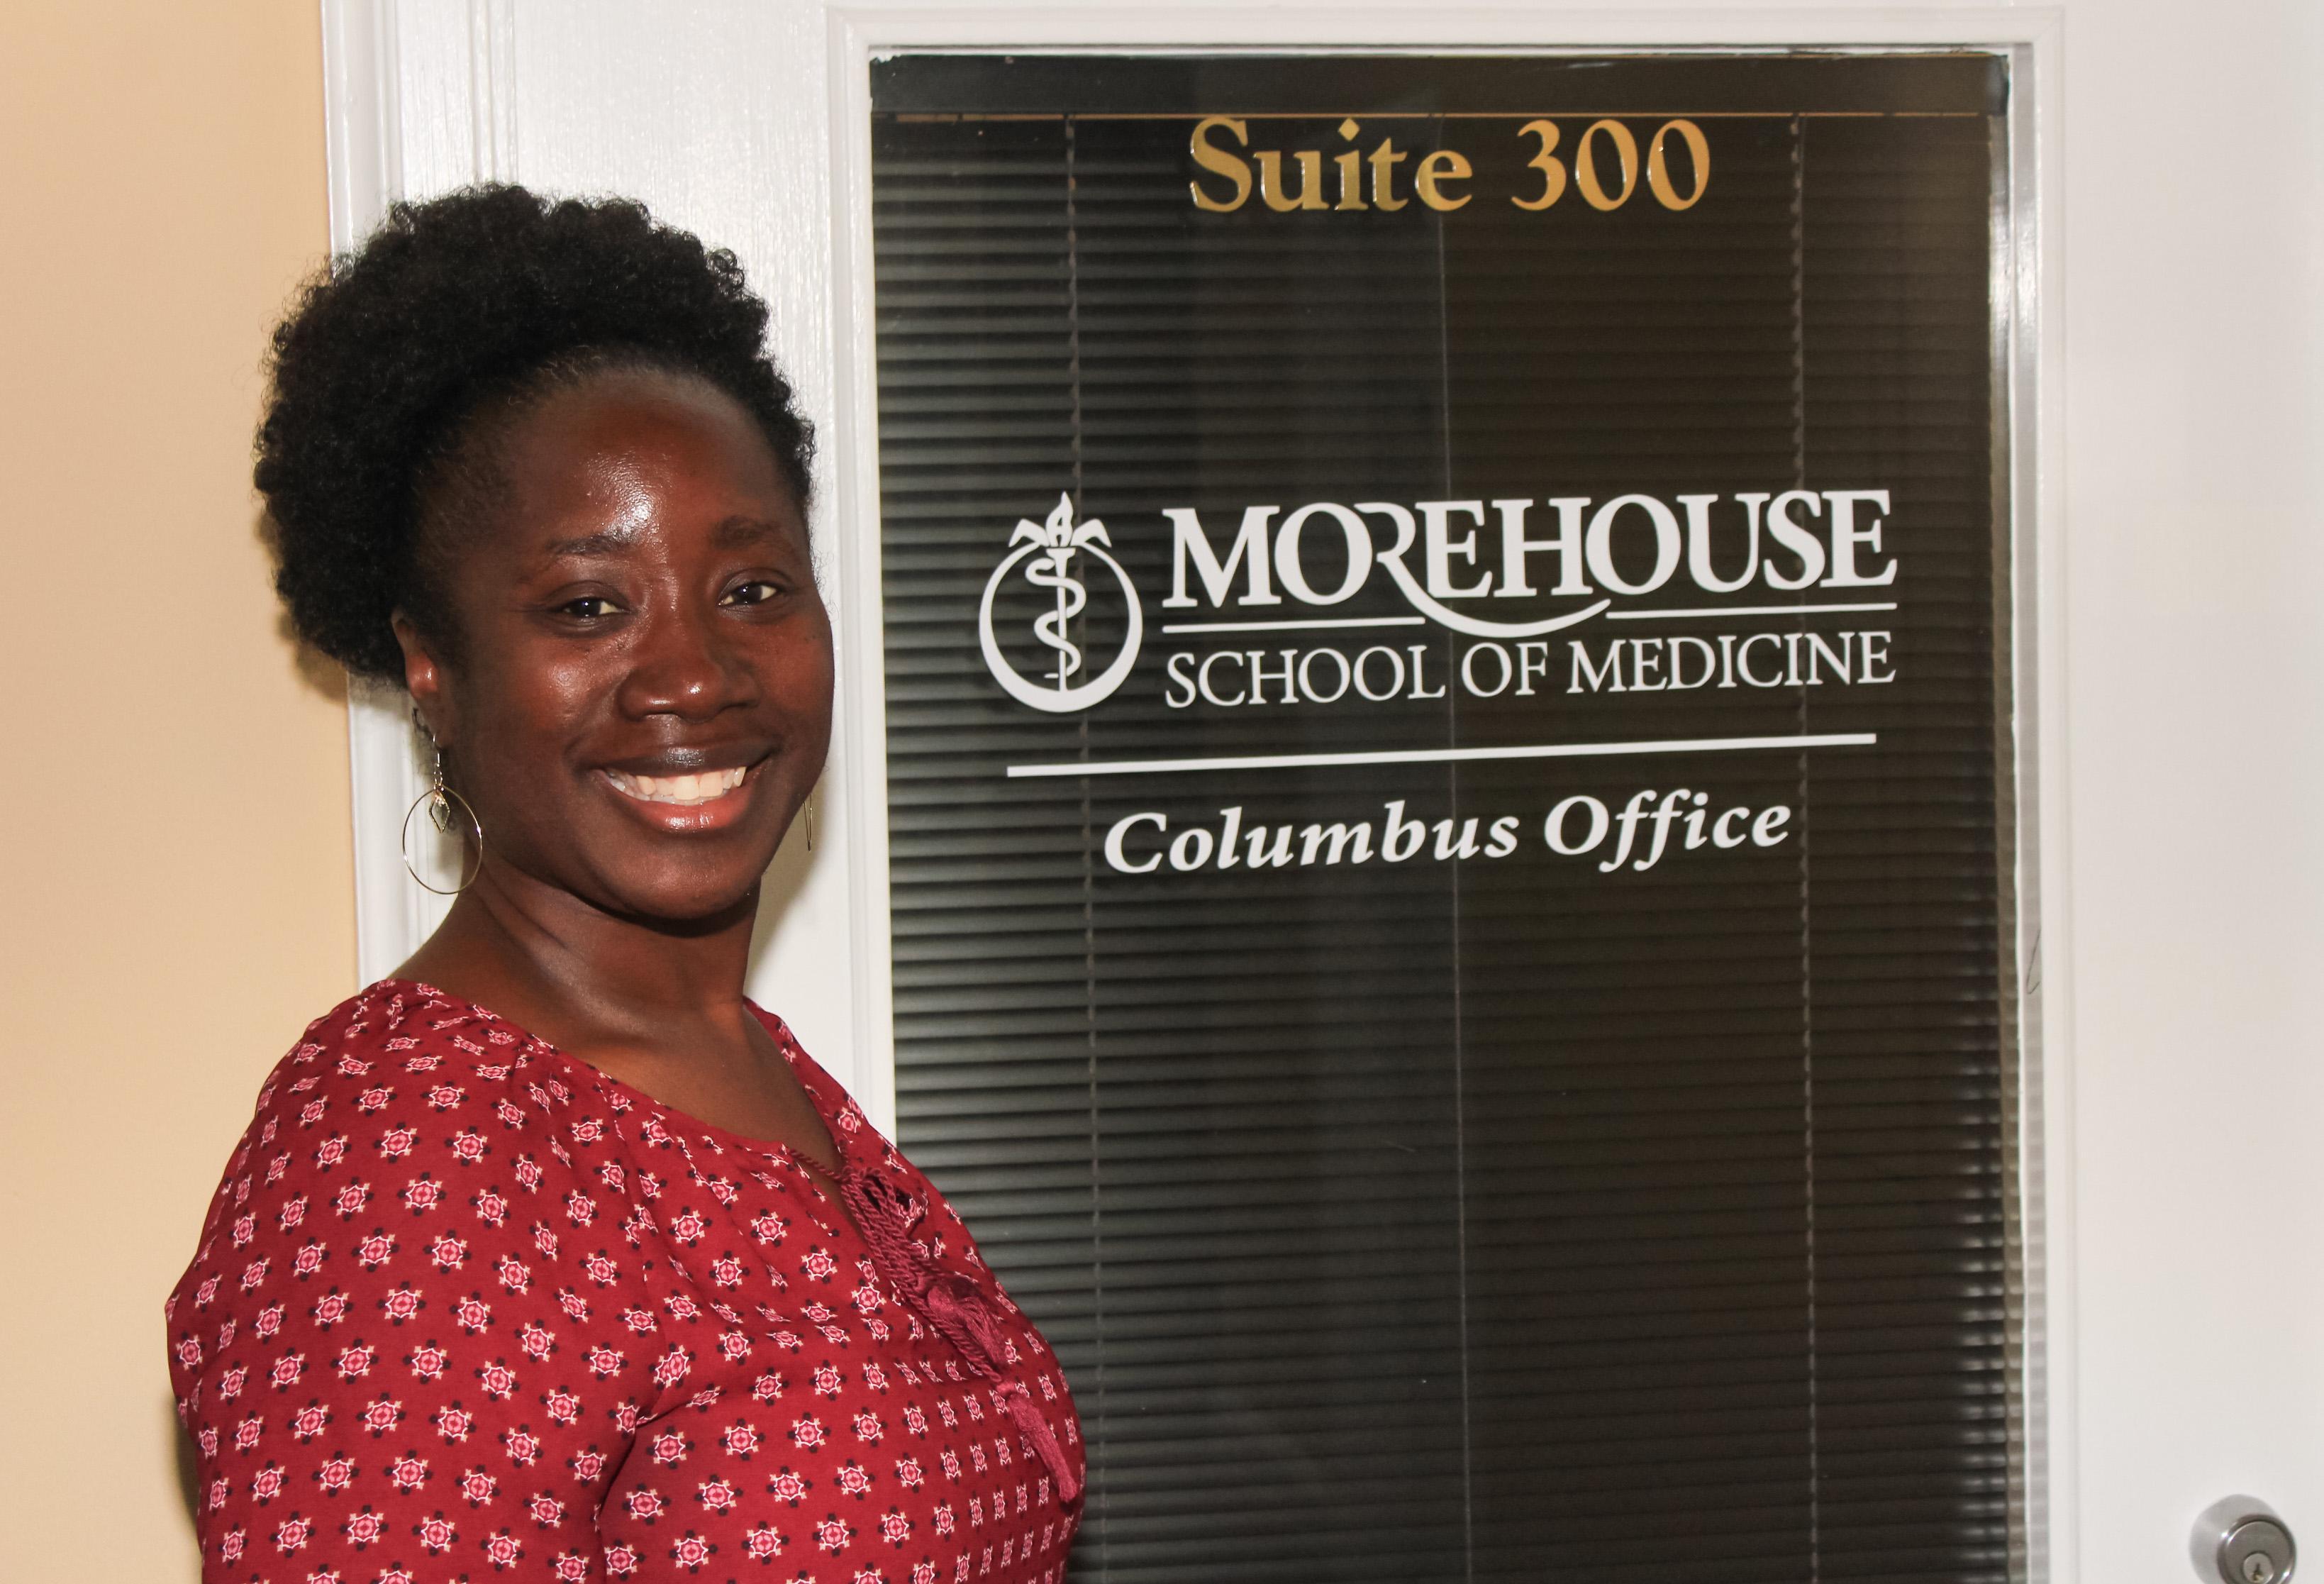 Columbus Campus | Morehouse School of Medicine